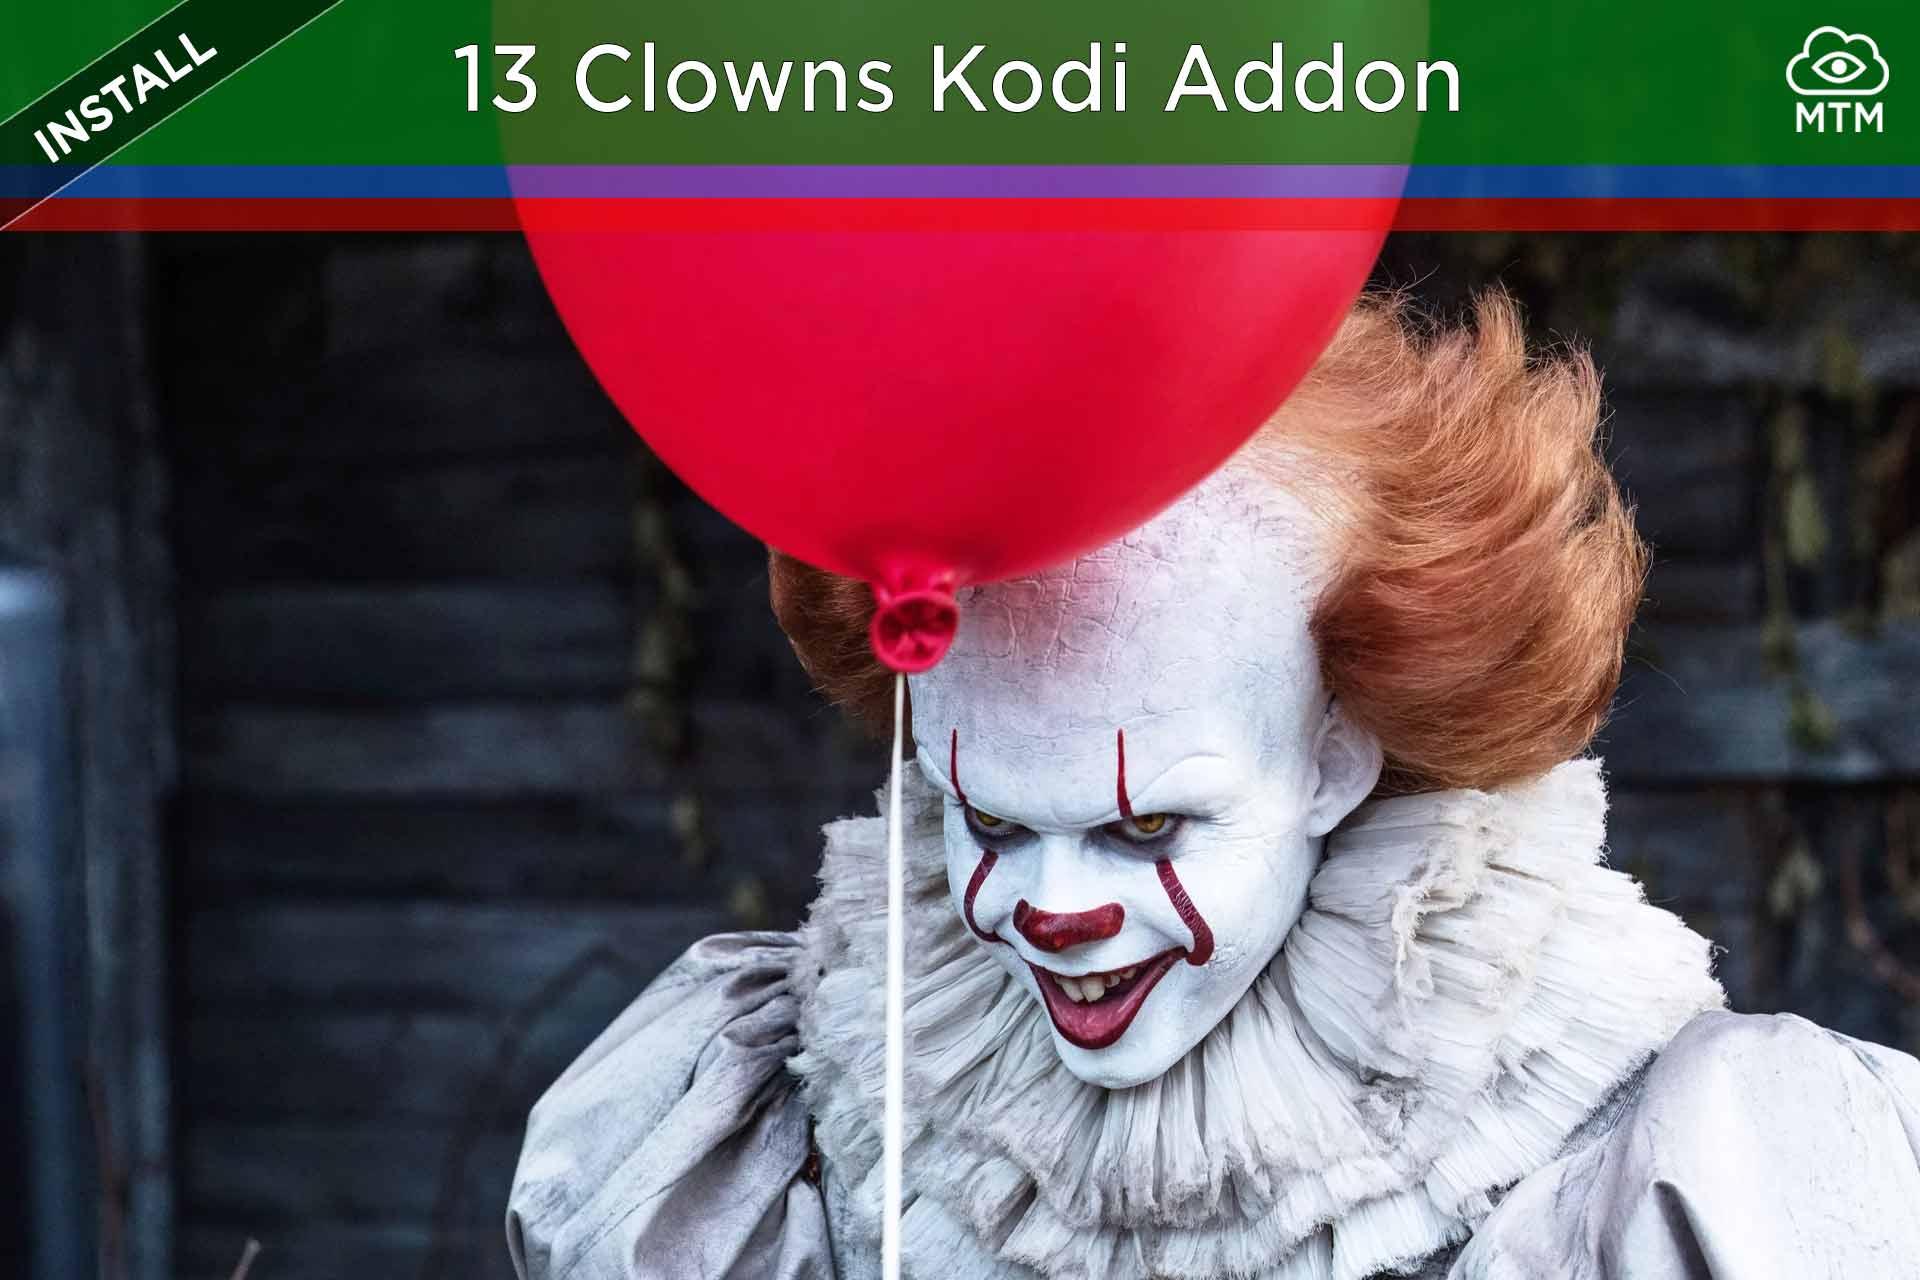 Nola instalatu 13Clowns Video Kodi Addon